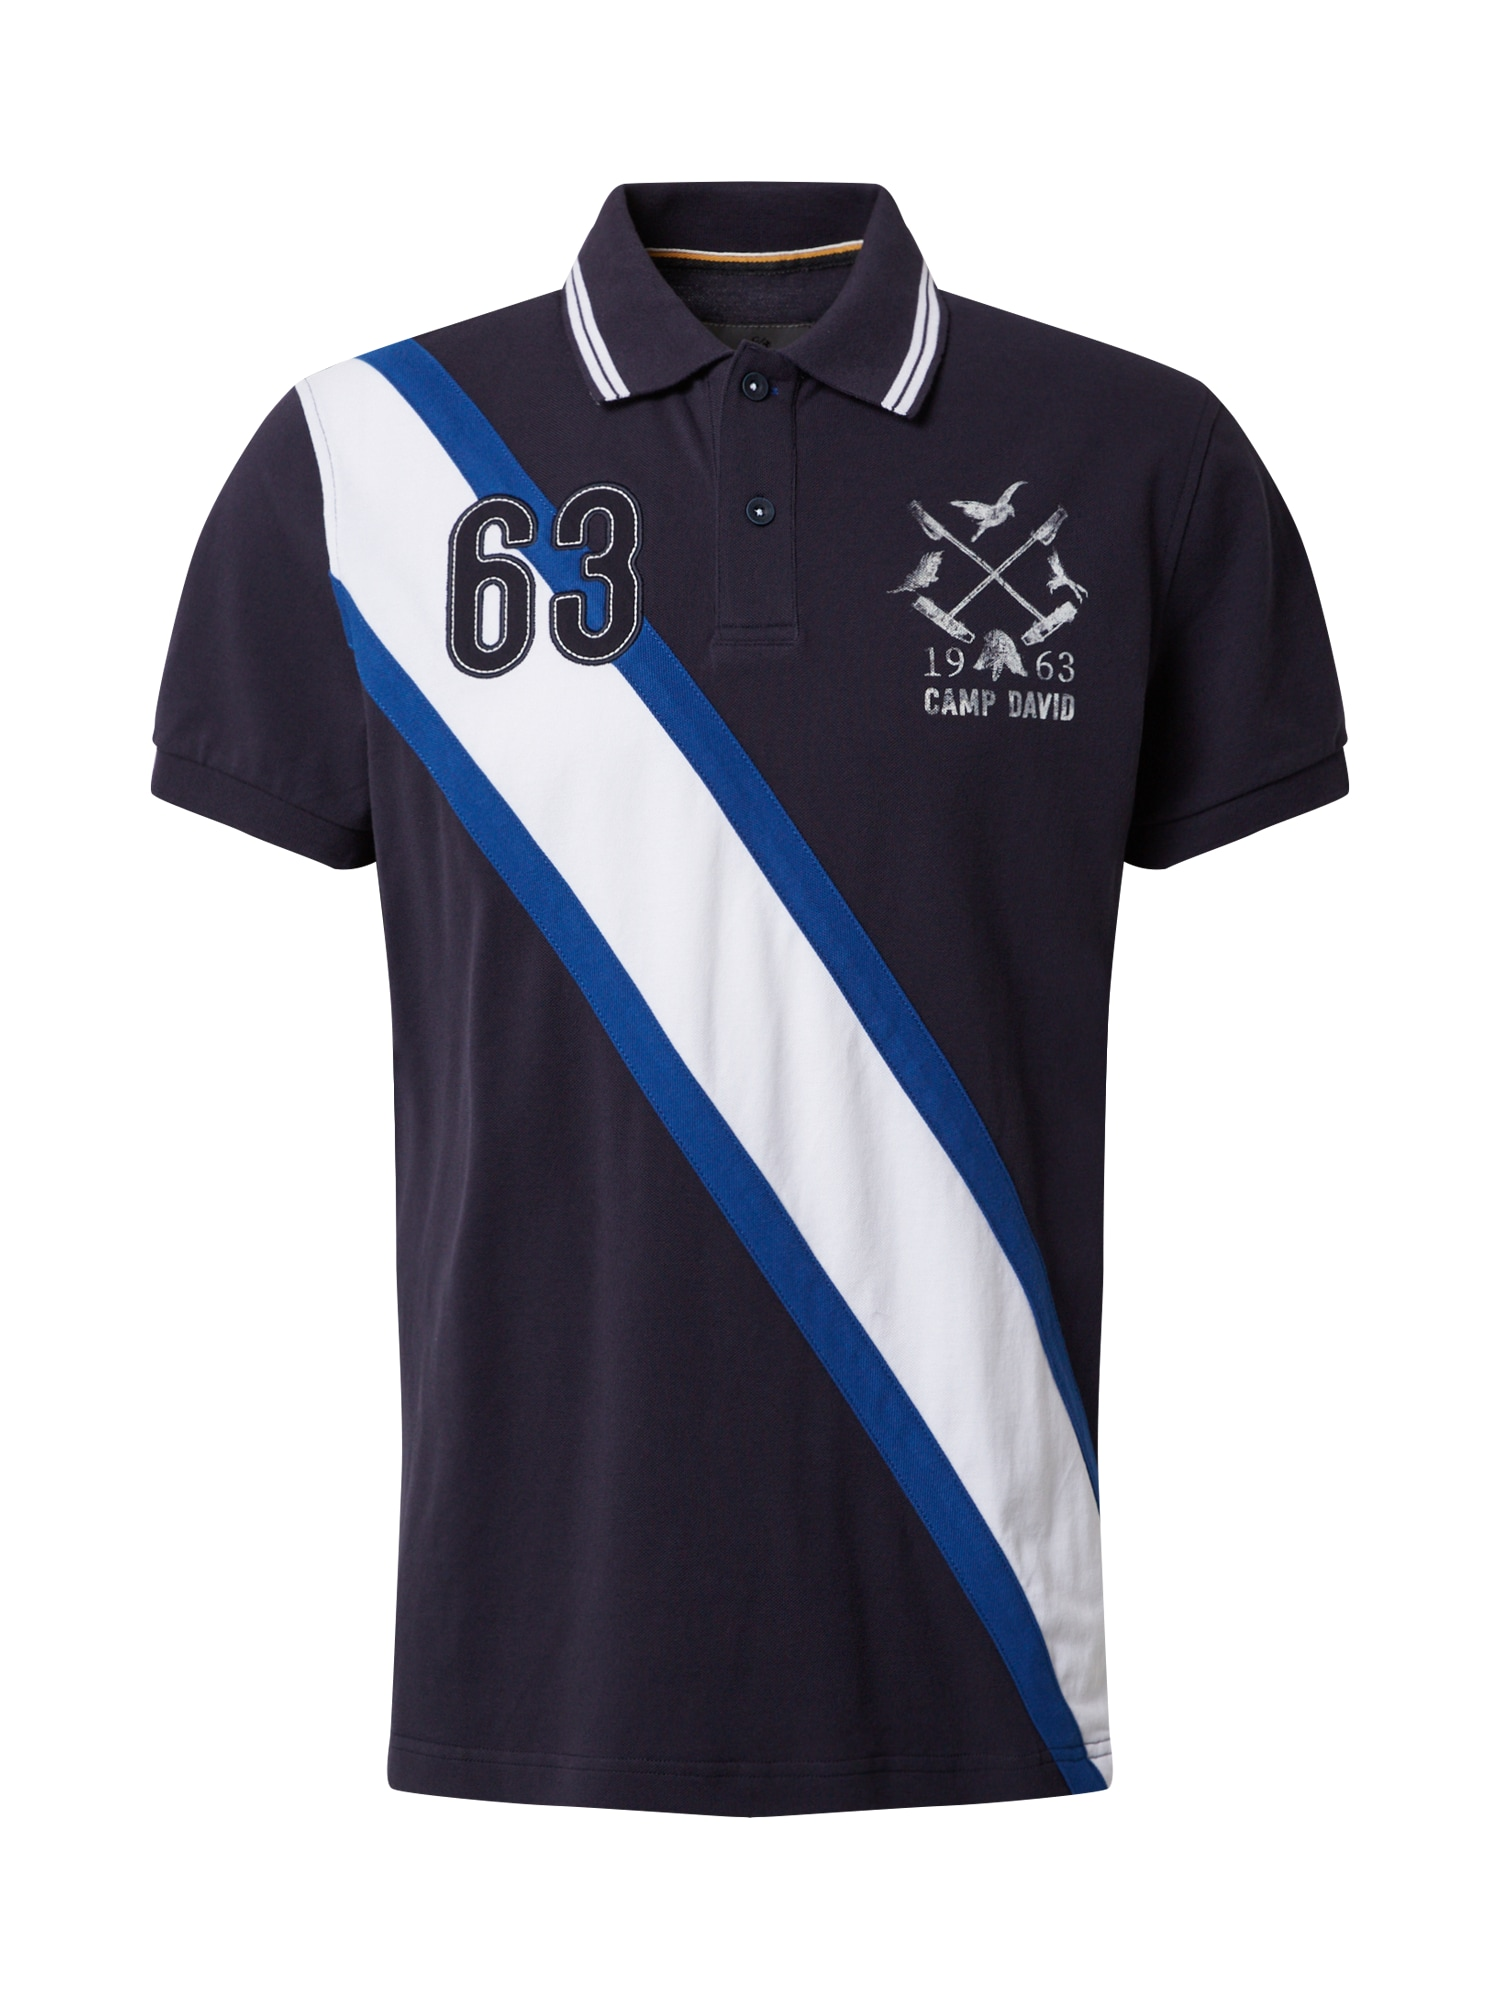 CAMP DAVID Marškinėliai balta / tamsiai mėlyna jūros spalva